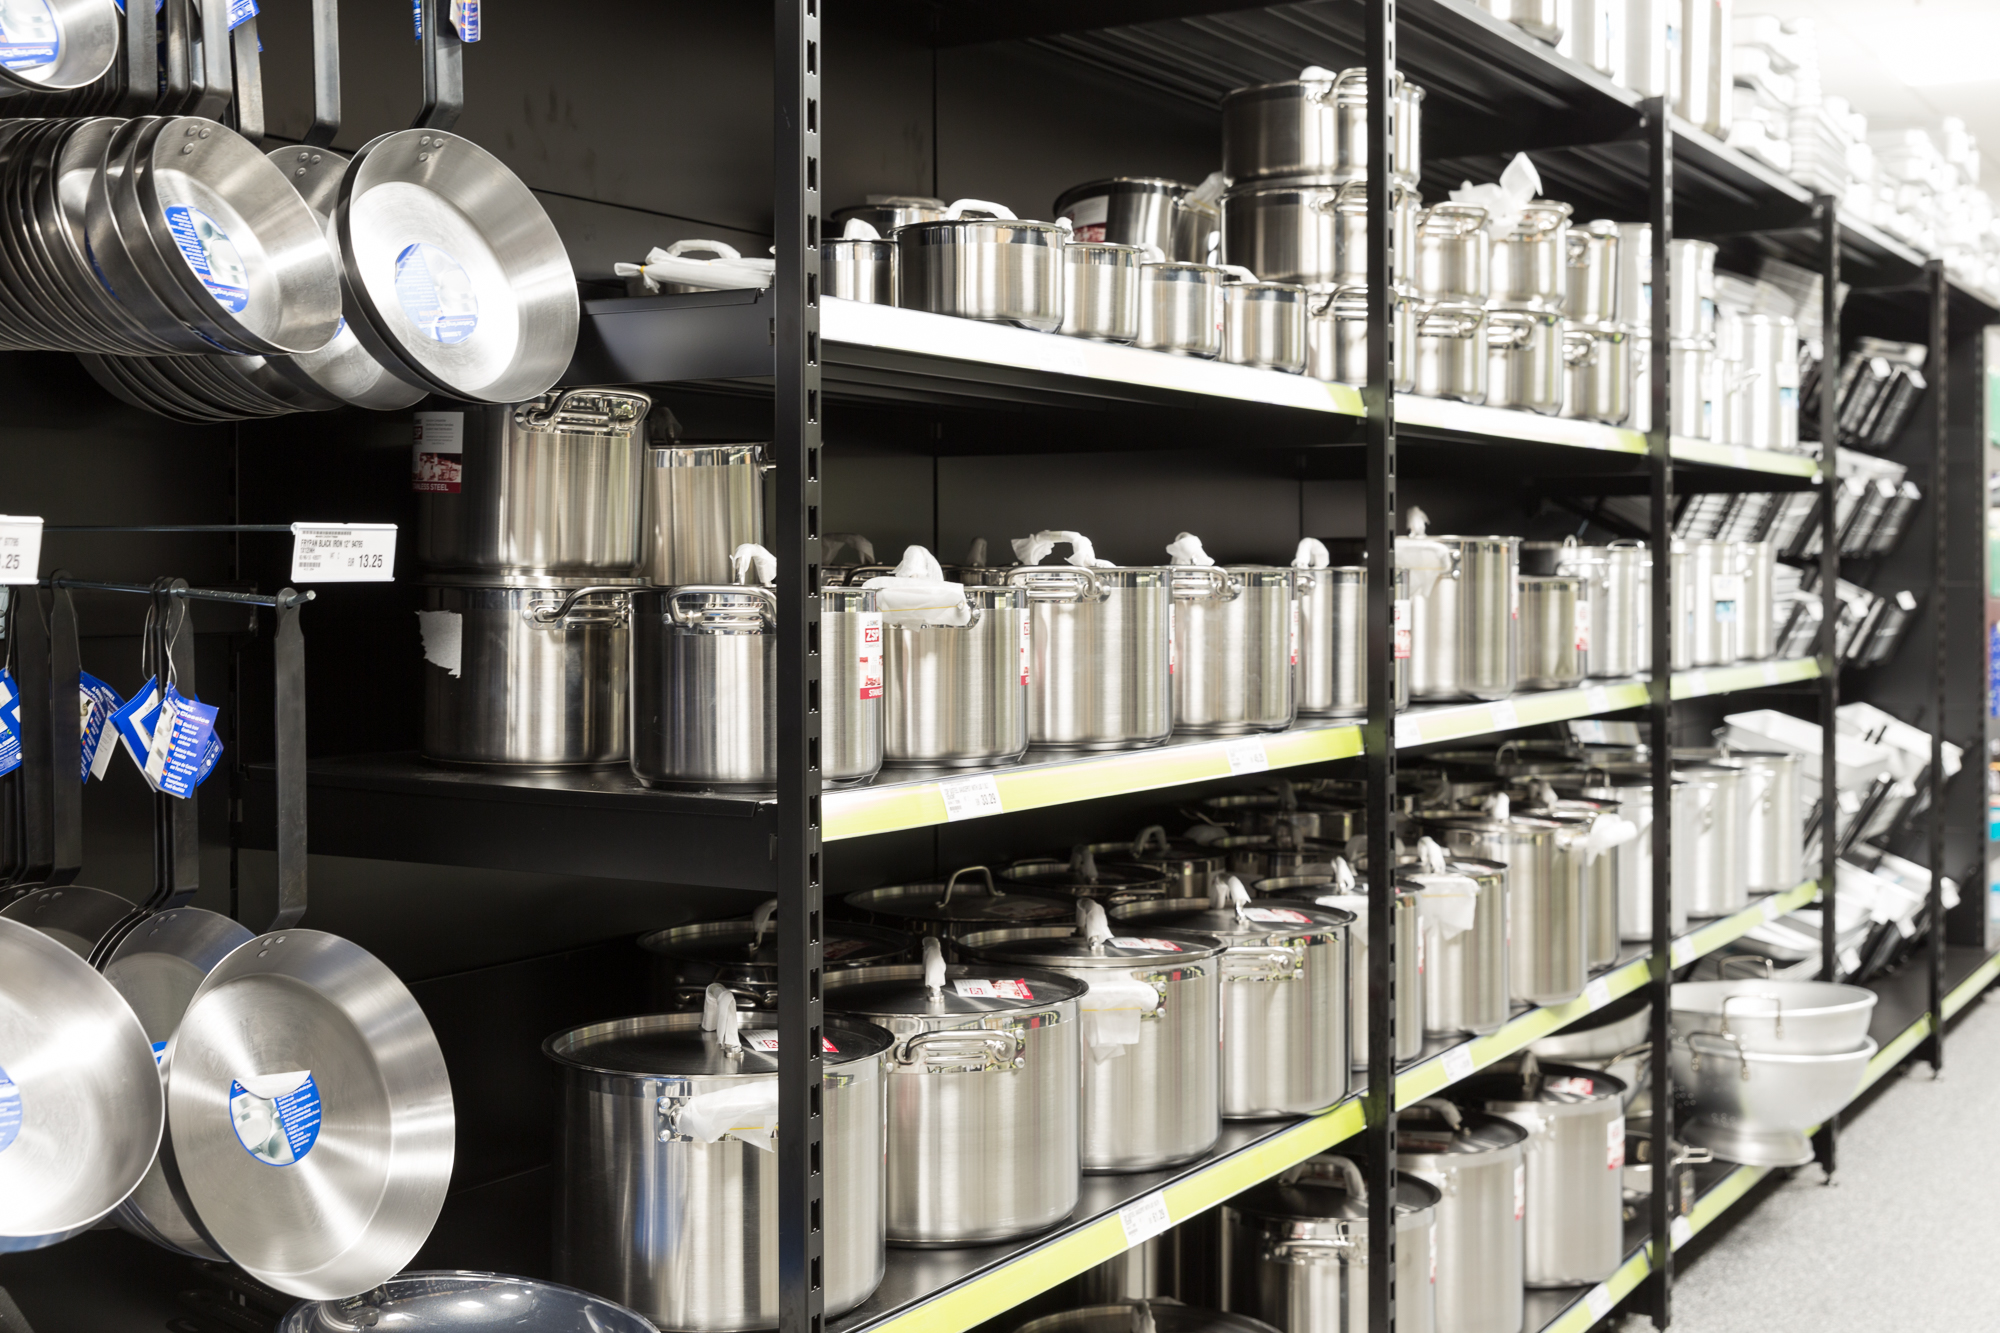 Shelves! - We sell shelves!